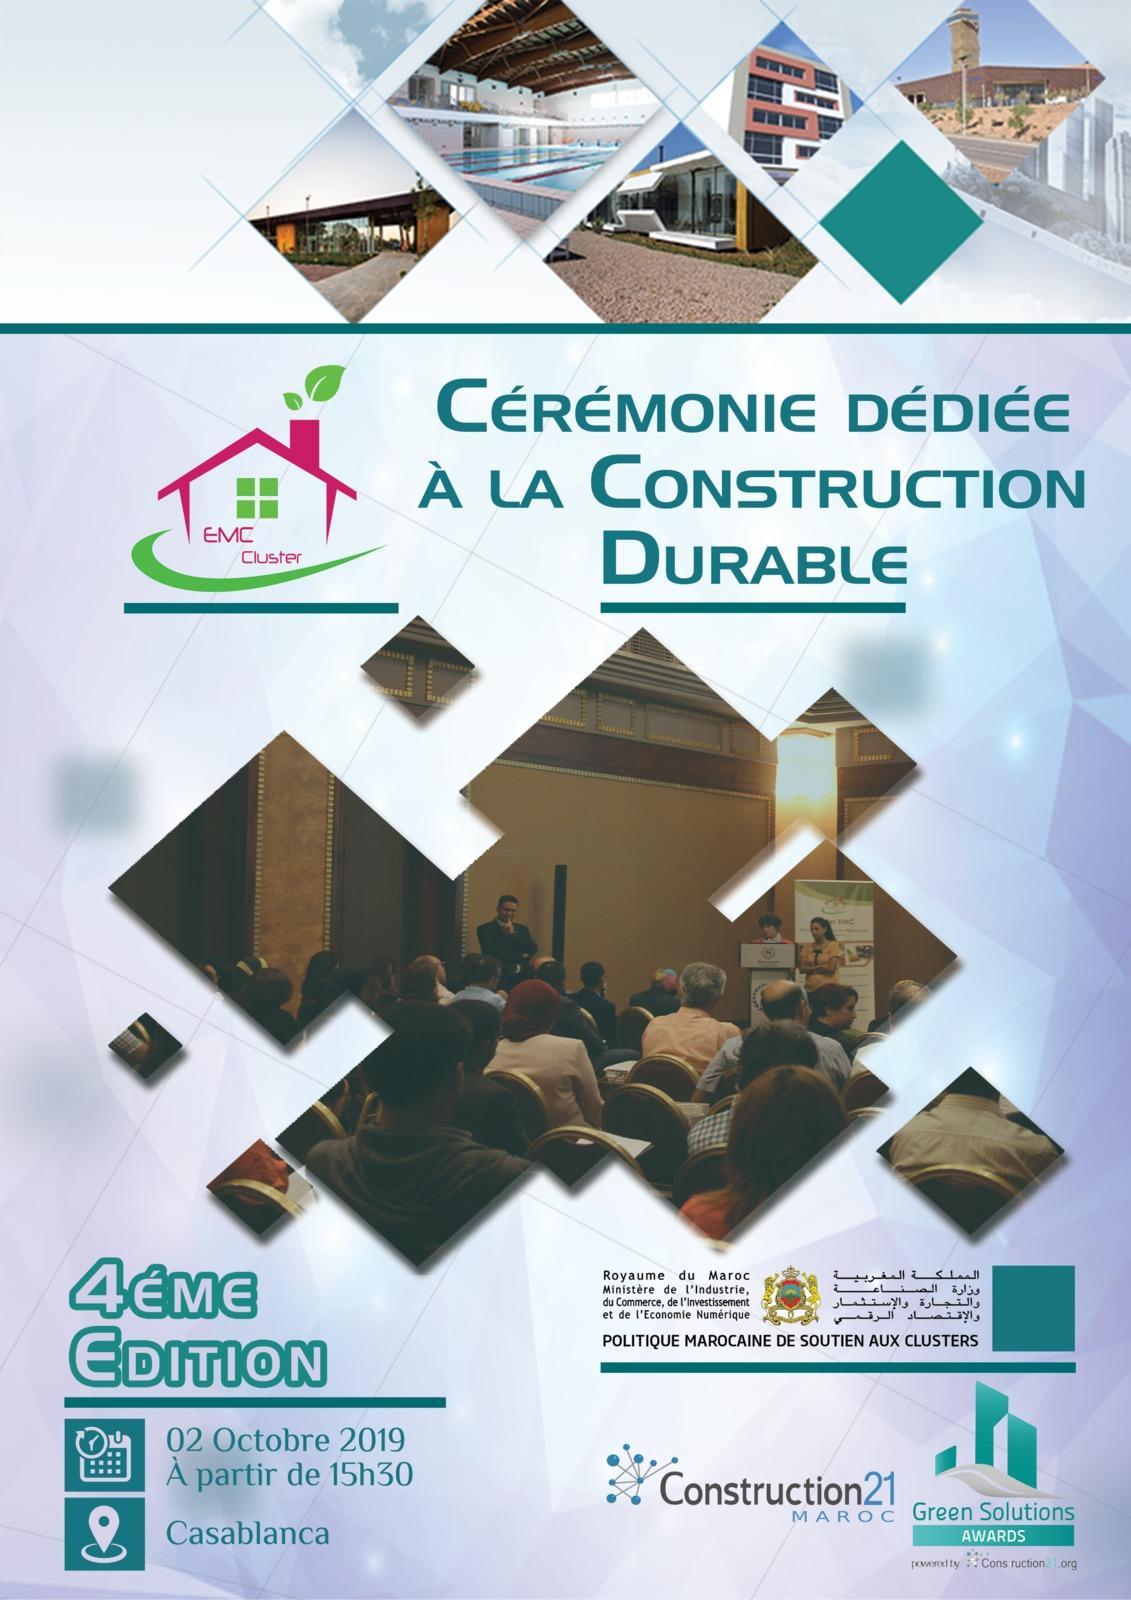 4e édition de la cérémonie de la construction durable organisée par le Cluster EMC